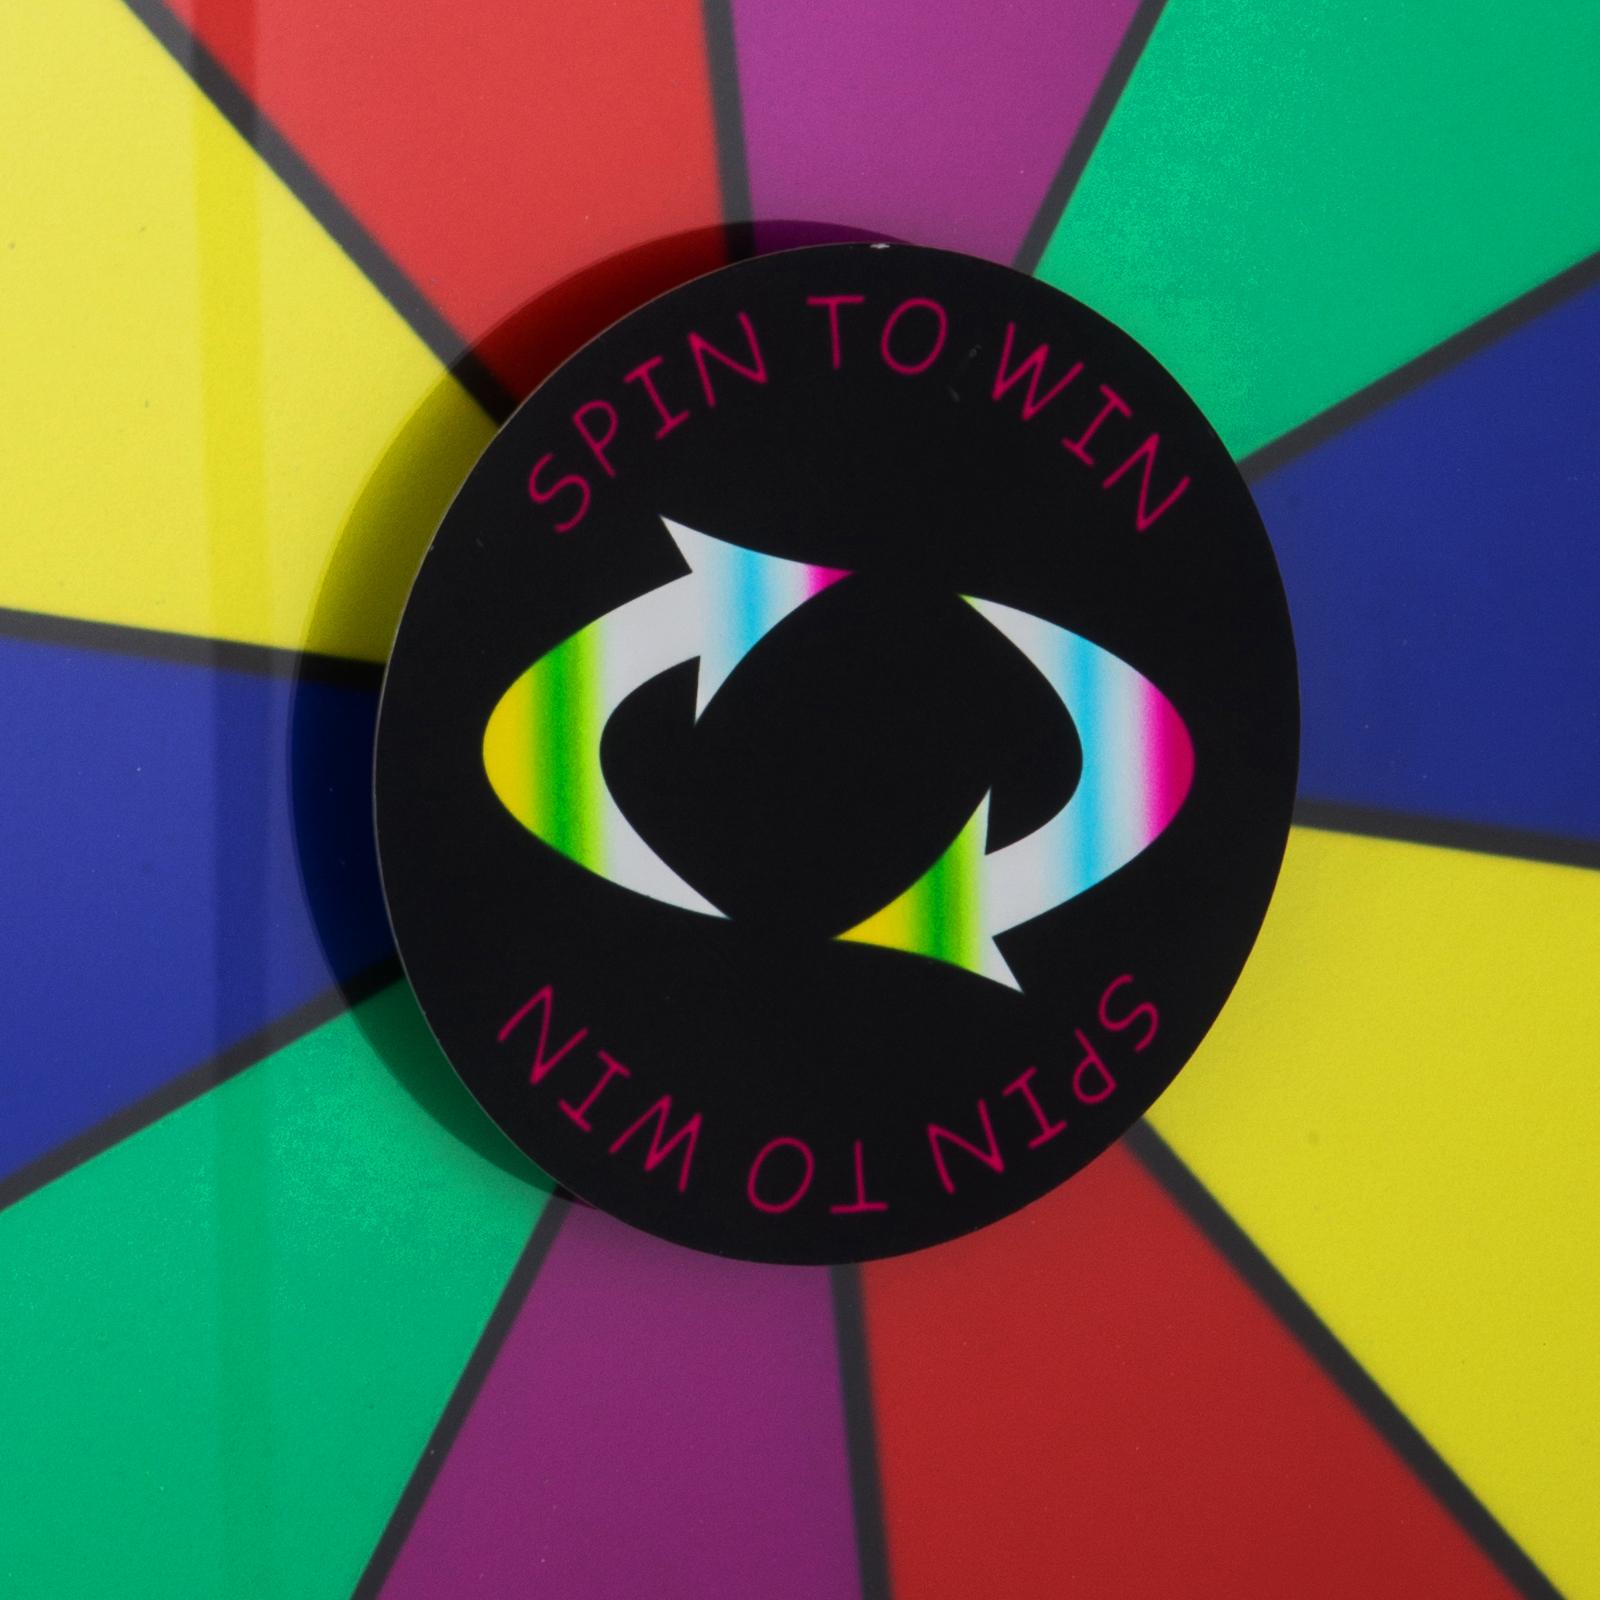 24-18-15-Ruota-Della-Fortuna-di-Colore-14-Slots-Gioco-Spin-Con-Supporto-Festa miniatura 20